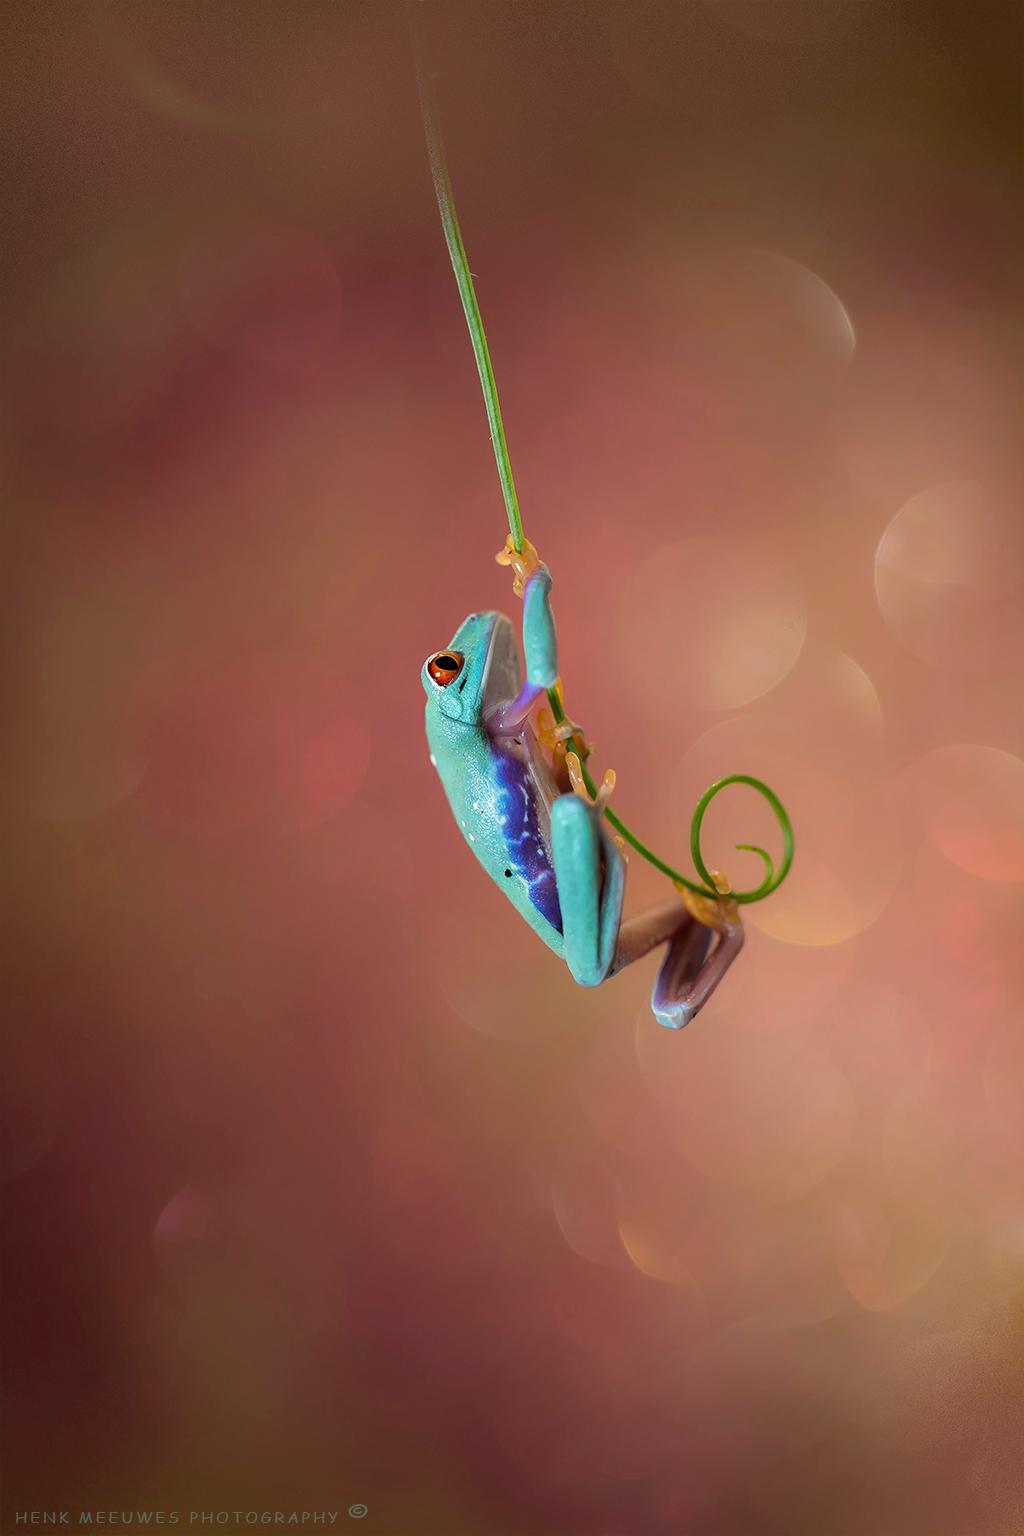 Me Tarzan - Het wordt steeds gekker in het paludarium met boomkikkers. Er is er al eentje die denk dat hij Tarzan is!  De kreet, die ontbreekt gelukkig nog ;- - foto door h.meeuwes op 27-04-2018 - deze foto bevat: rood, macro, kikker, oog, actie, klimmen, tarzan, zweven, dof, boomkikker, bokeh, paludarium, slingeren, 2.8, groot diafragma, roodoogmaki, henk meeuwes